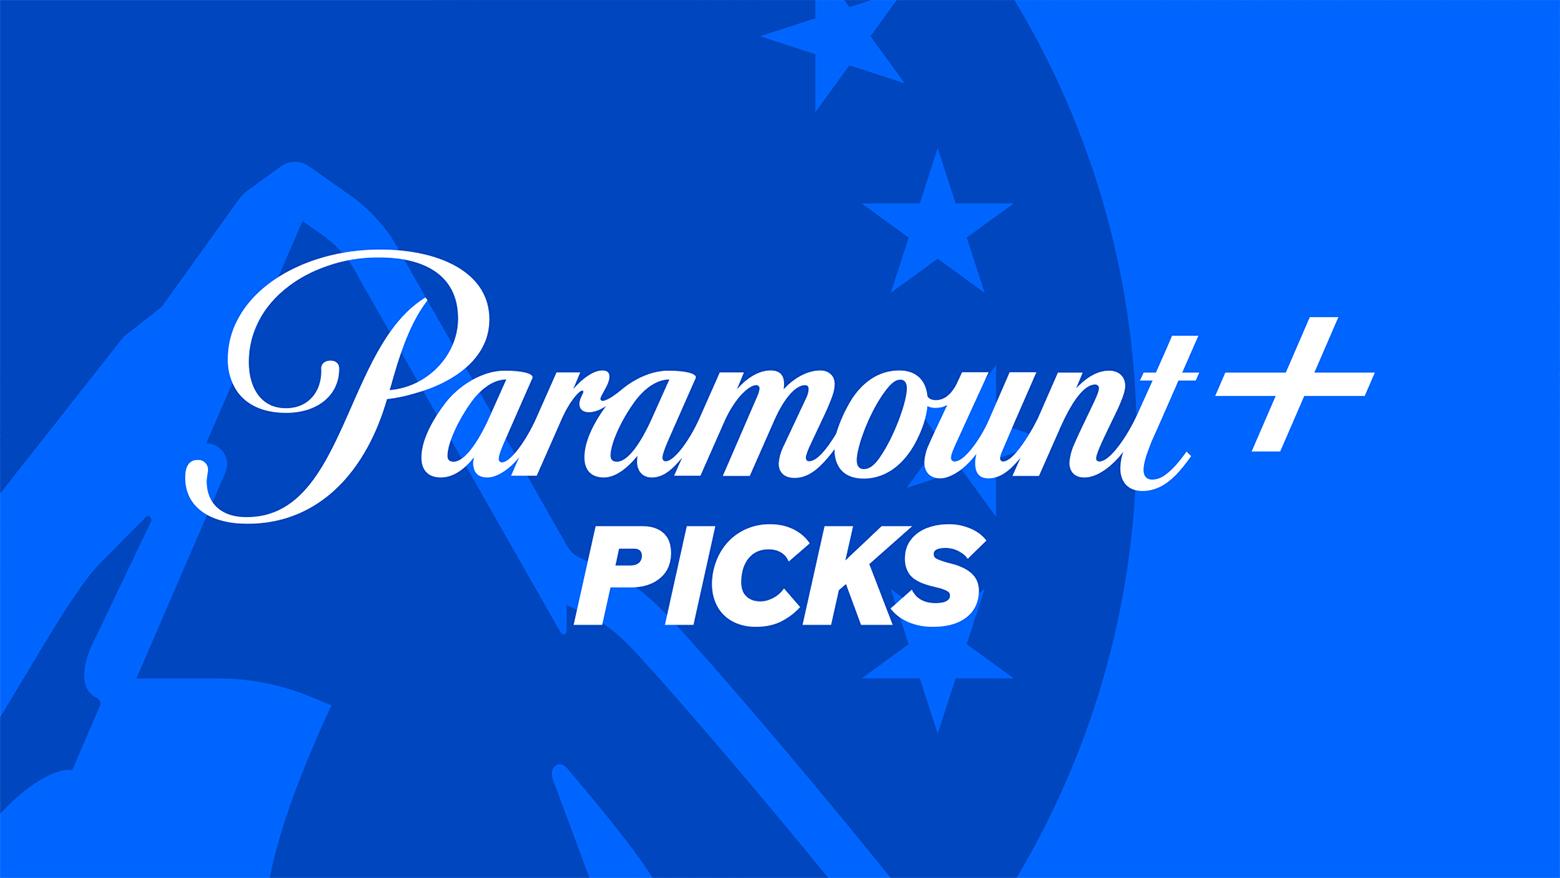 Pluto TV Paramount+ Picks